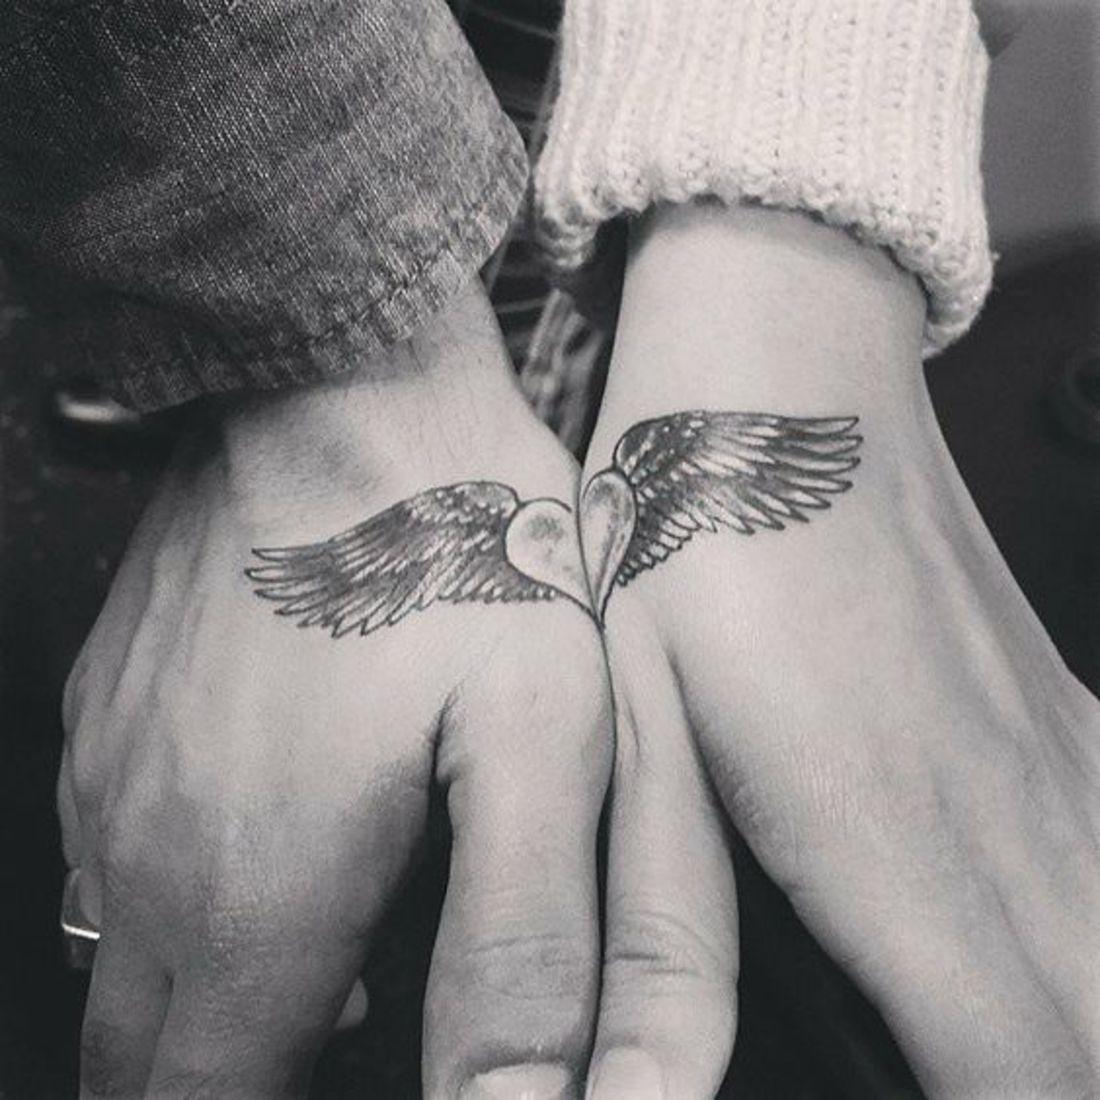 1001 Ideas Y Consejos De Tatuajes Para Parejas Tatuajes De Parejas Disenos De Tatuaje Para Parejas Tatuajes A Juego Para Parejas